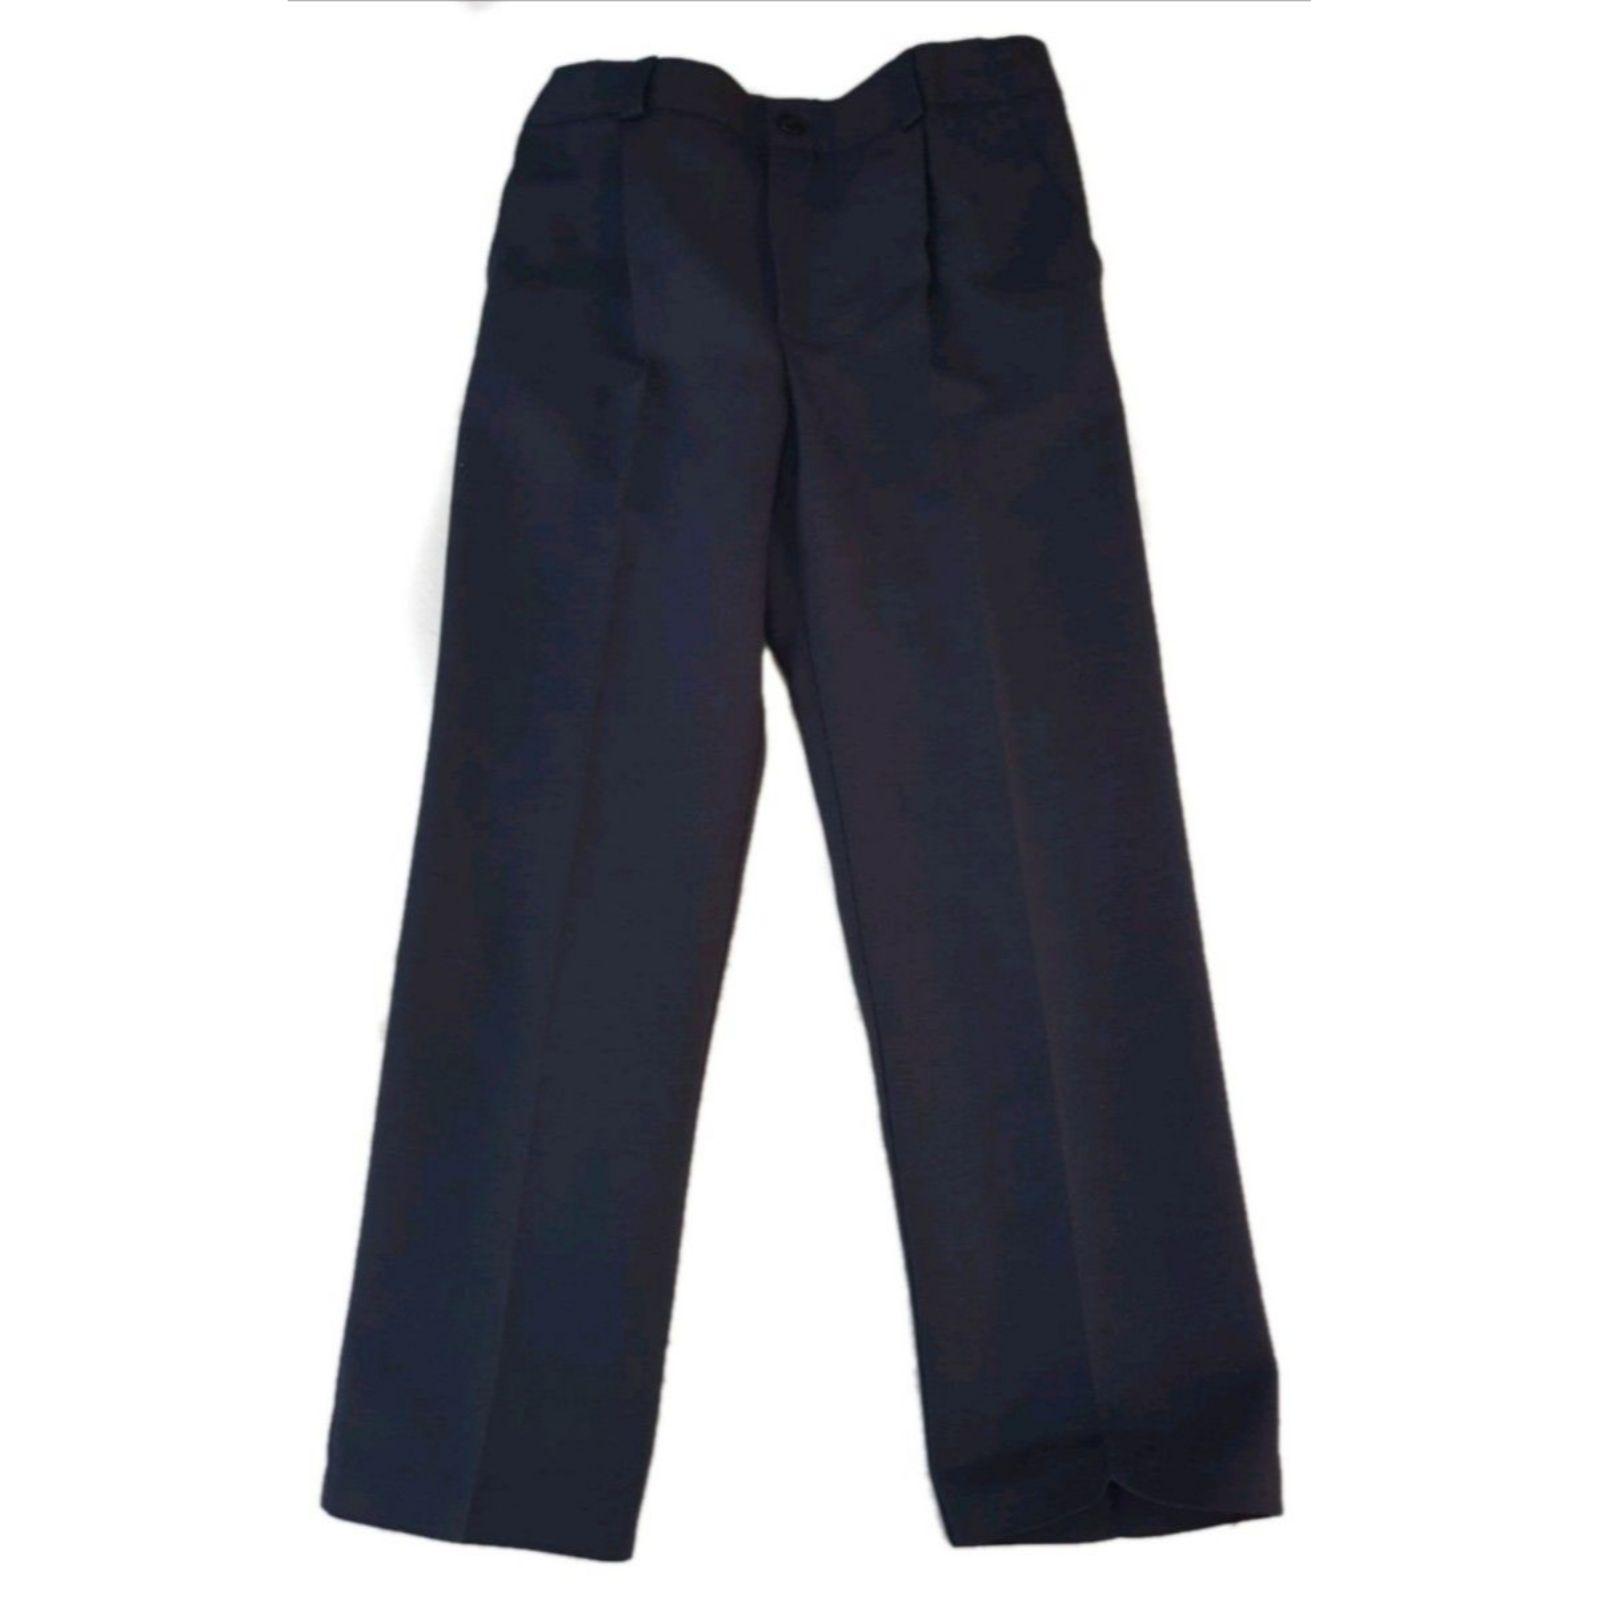 Pantaloni uniformă școlară - set două bucăți